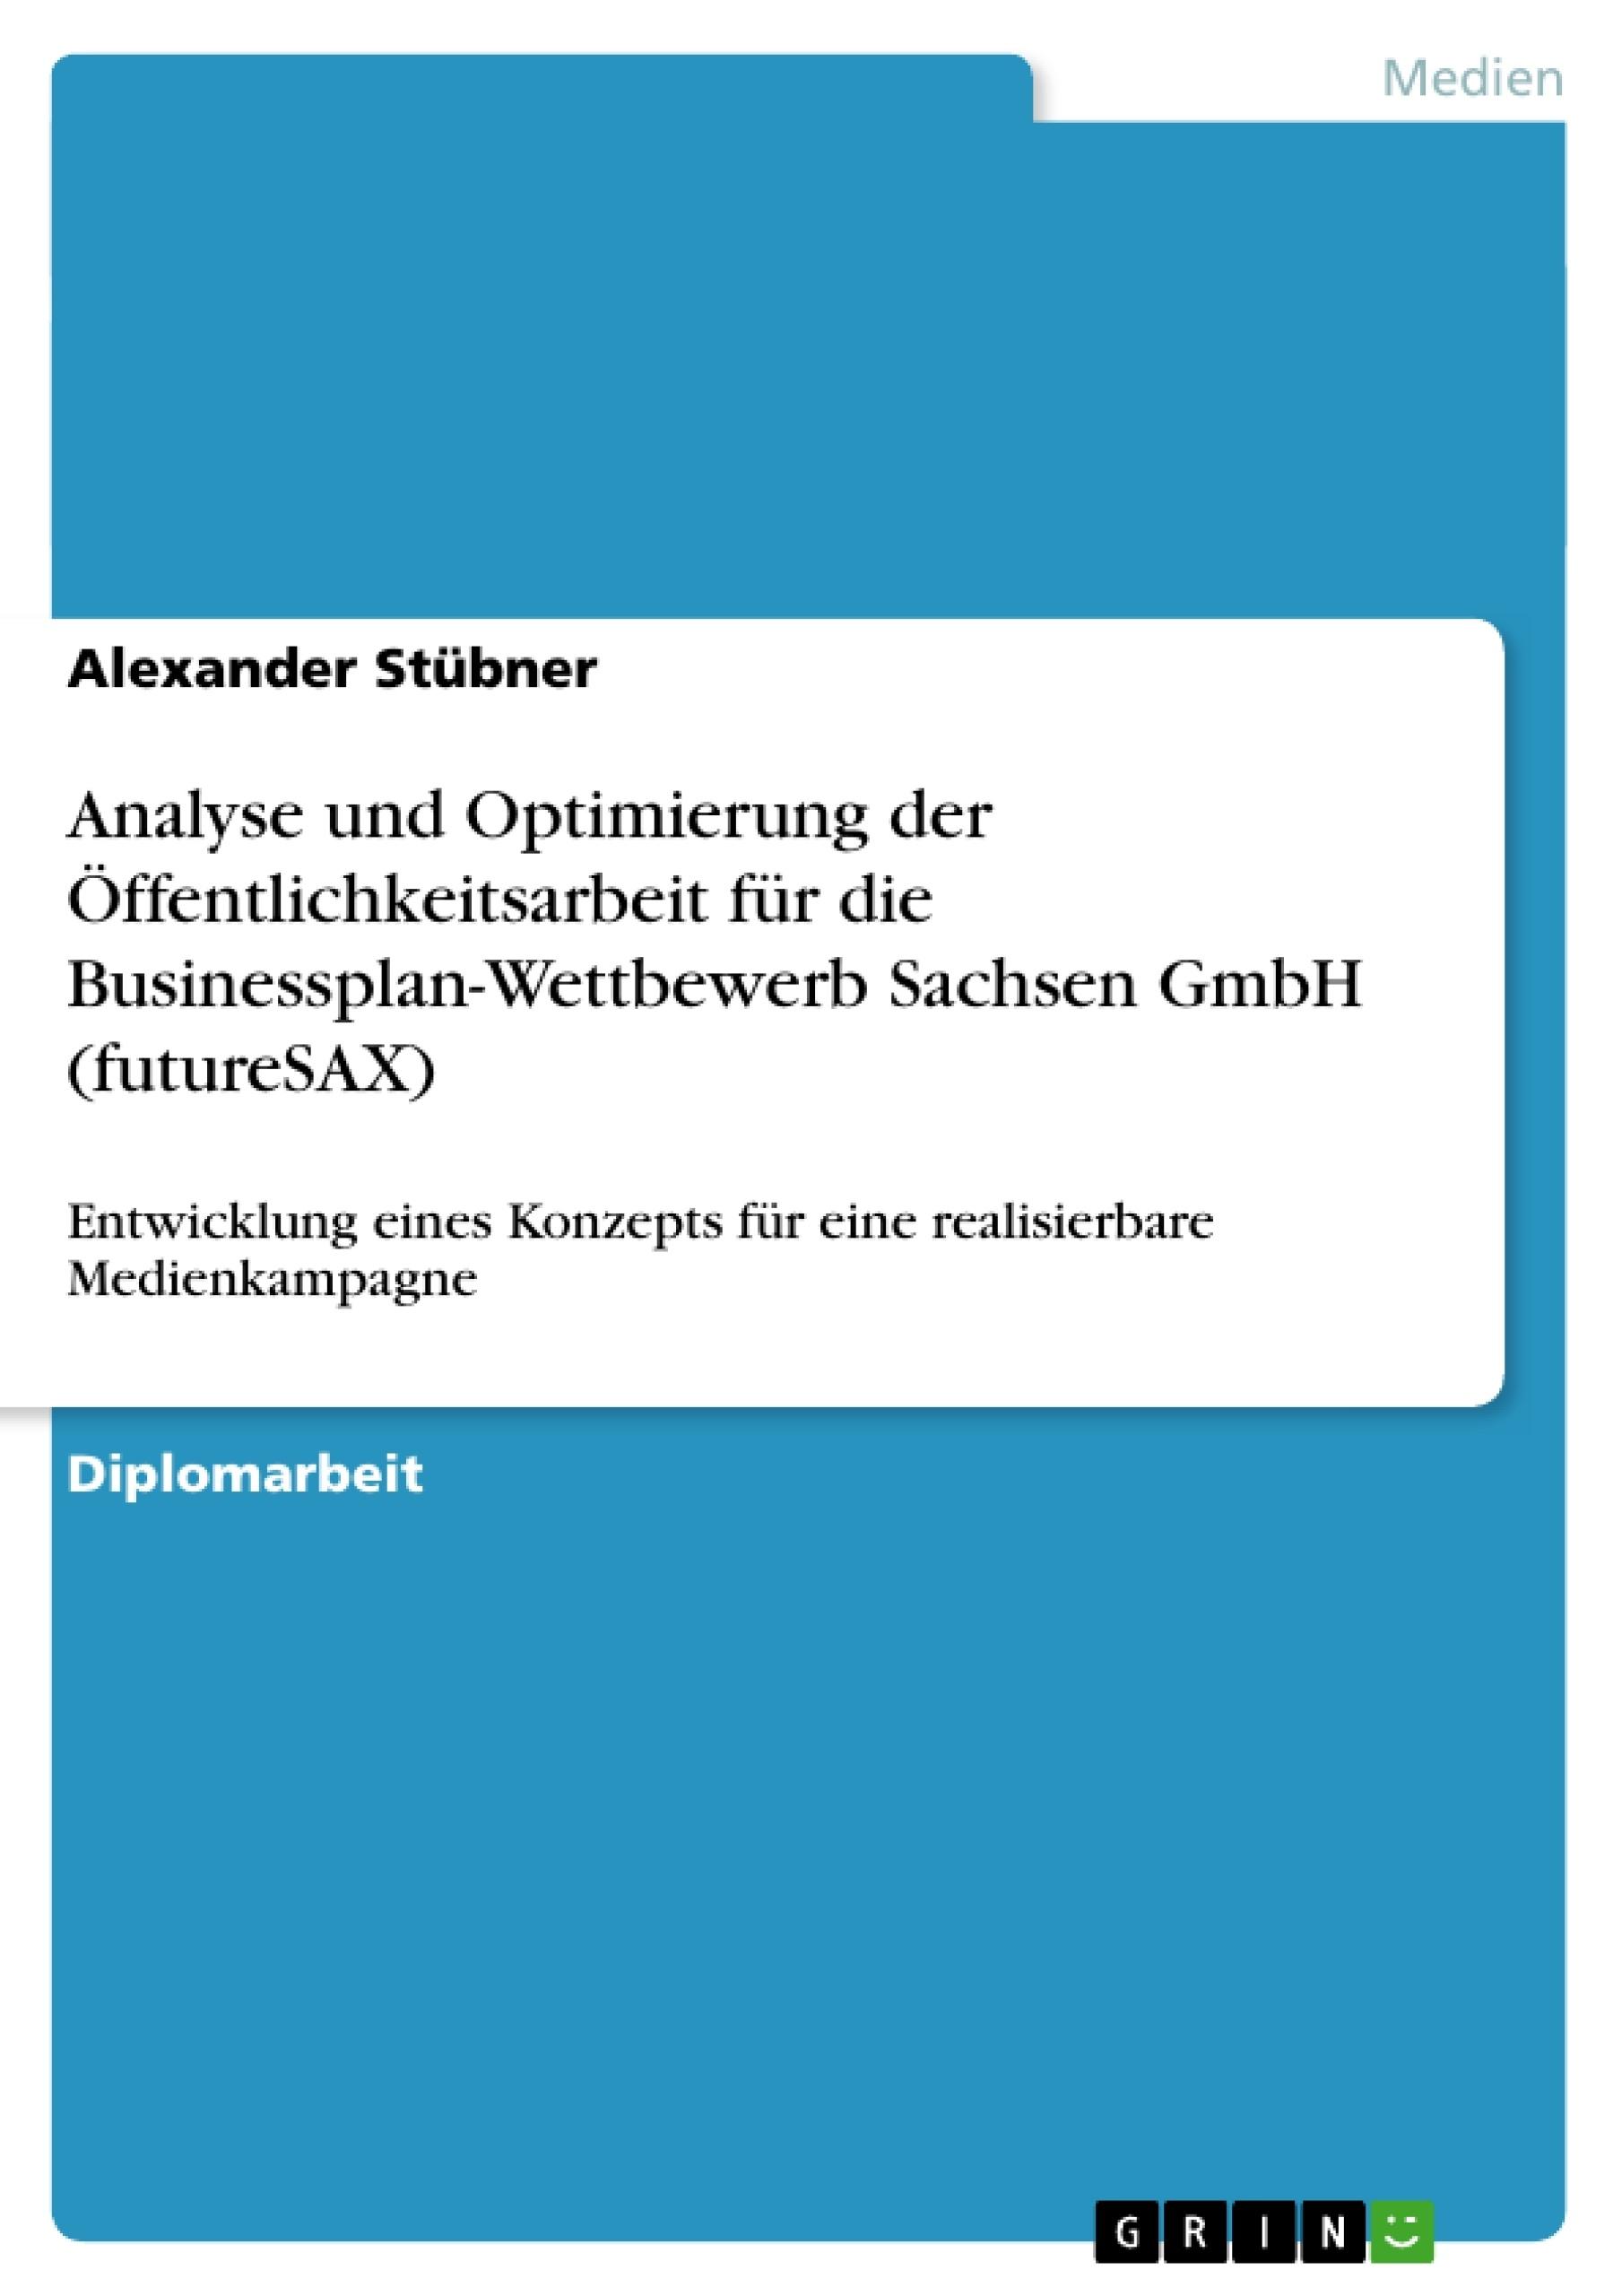 Titel: Analyse und Optimierung der Öffentlichkeitsarbeit für die Businessplan-Wettbewerb Sachsen GmbH (futureSAX)